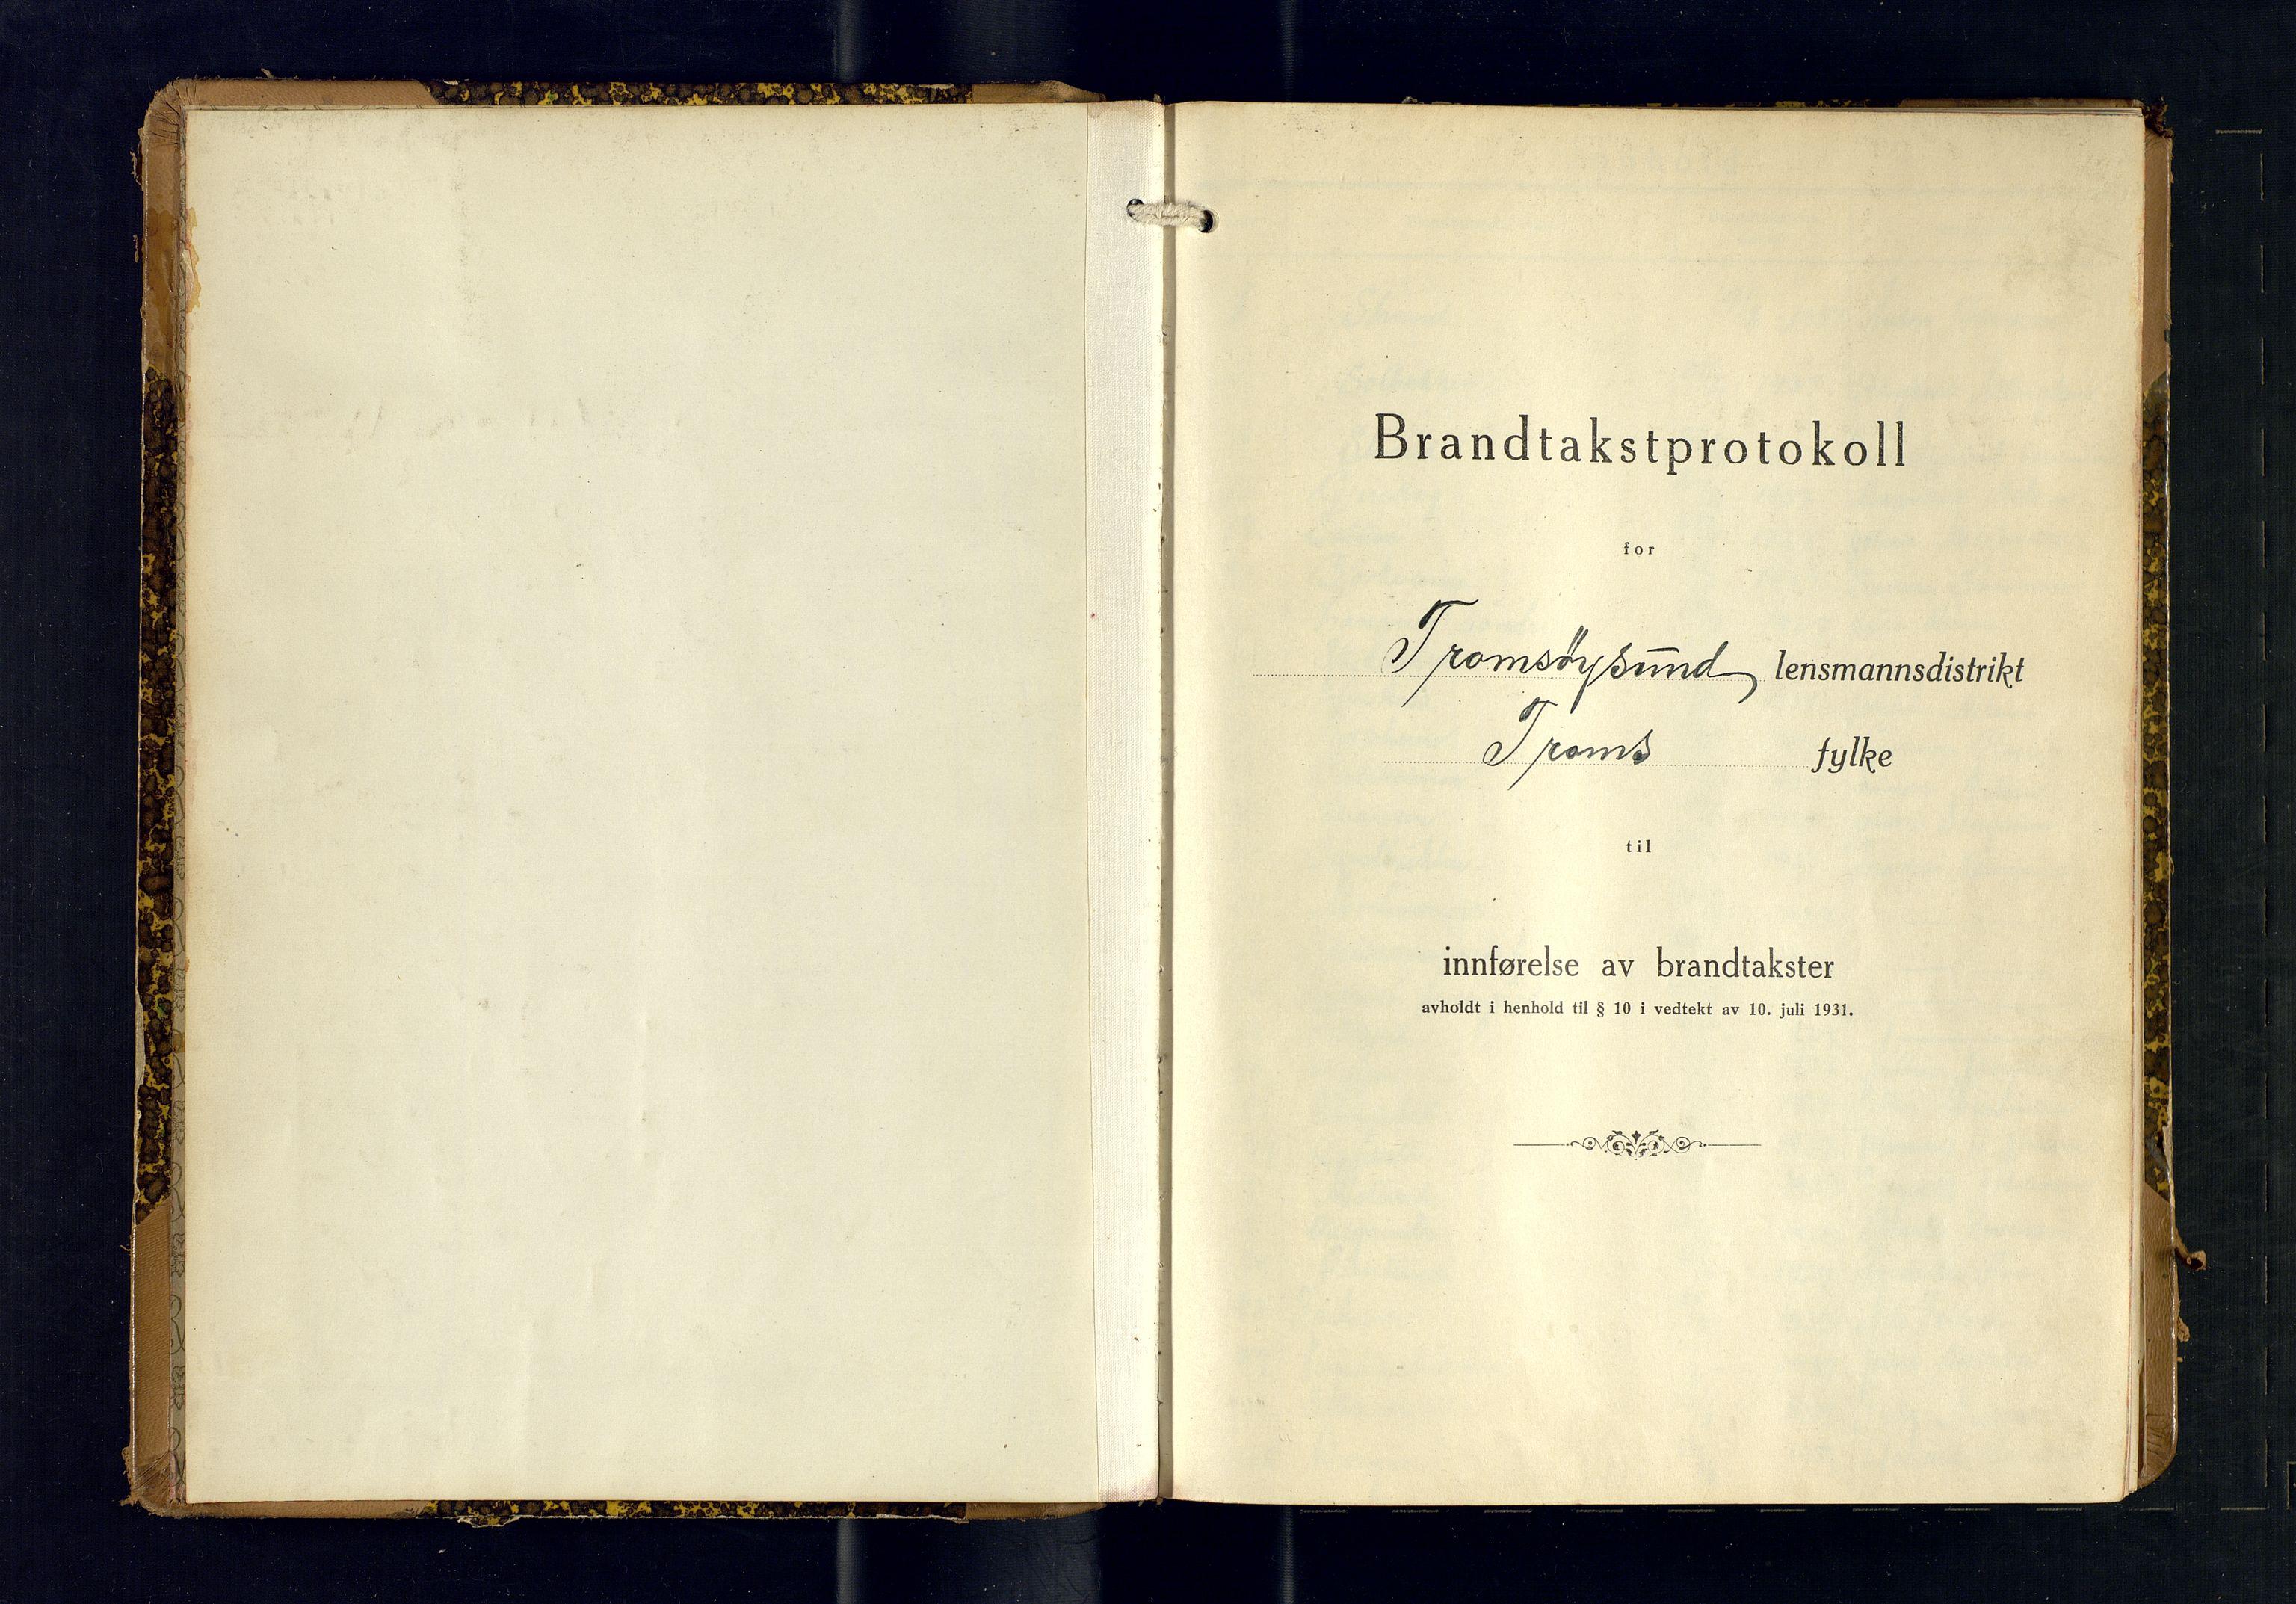 SATØ, Tromsøysund lensmannskontor, F/Fs/Fsb/L0755: Branntakstprotokoll (S). Med register, 1937-1938